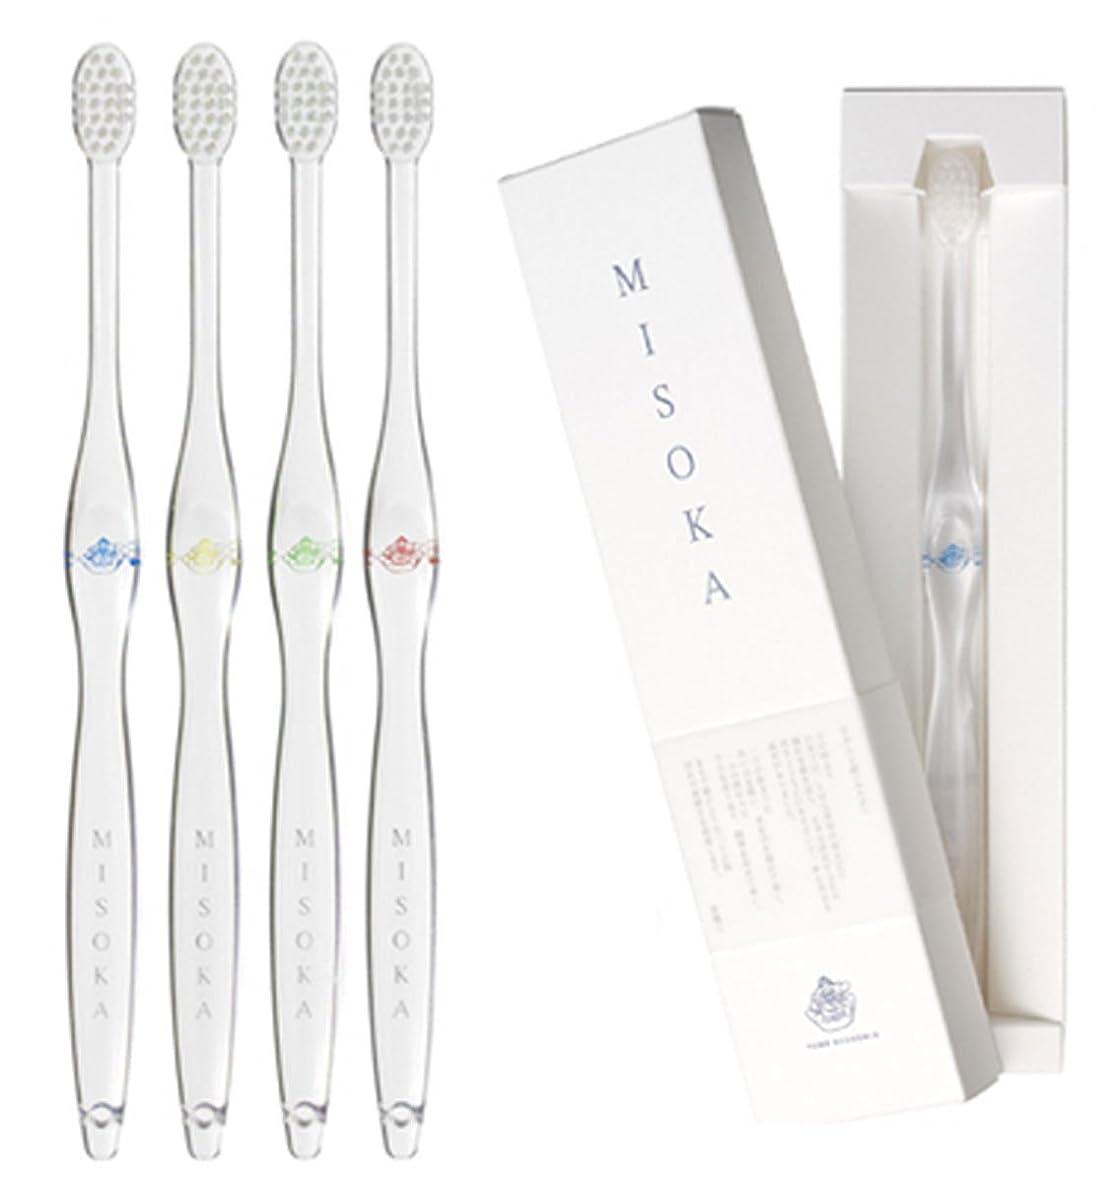 利得引き算処理MISOKA 夢職人 魔法の歯ブラシ / M普通サイズ4本 / ミネラルでできているから歯磨き粉不要! / 旅行に便利! / ナノテク